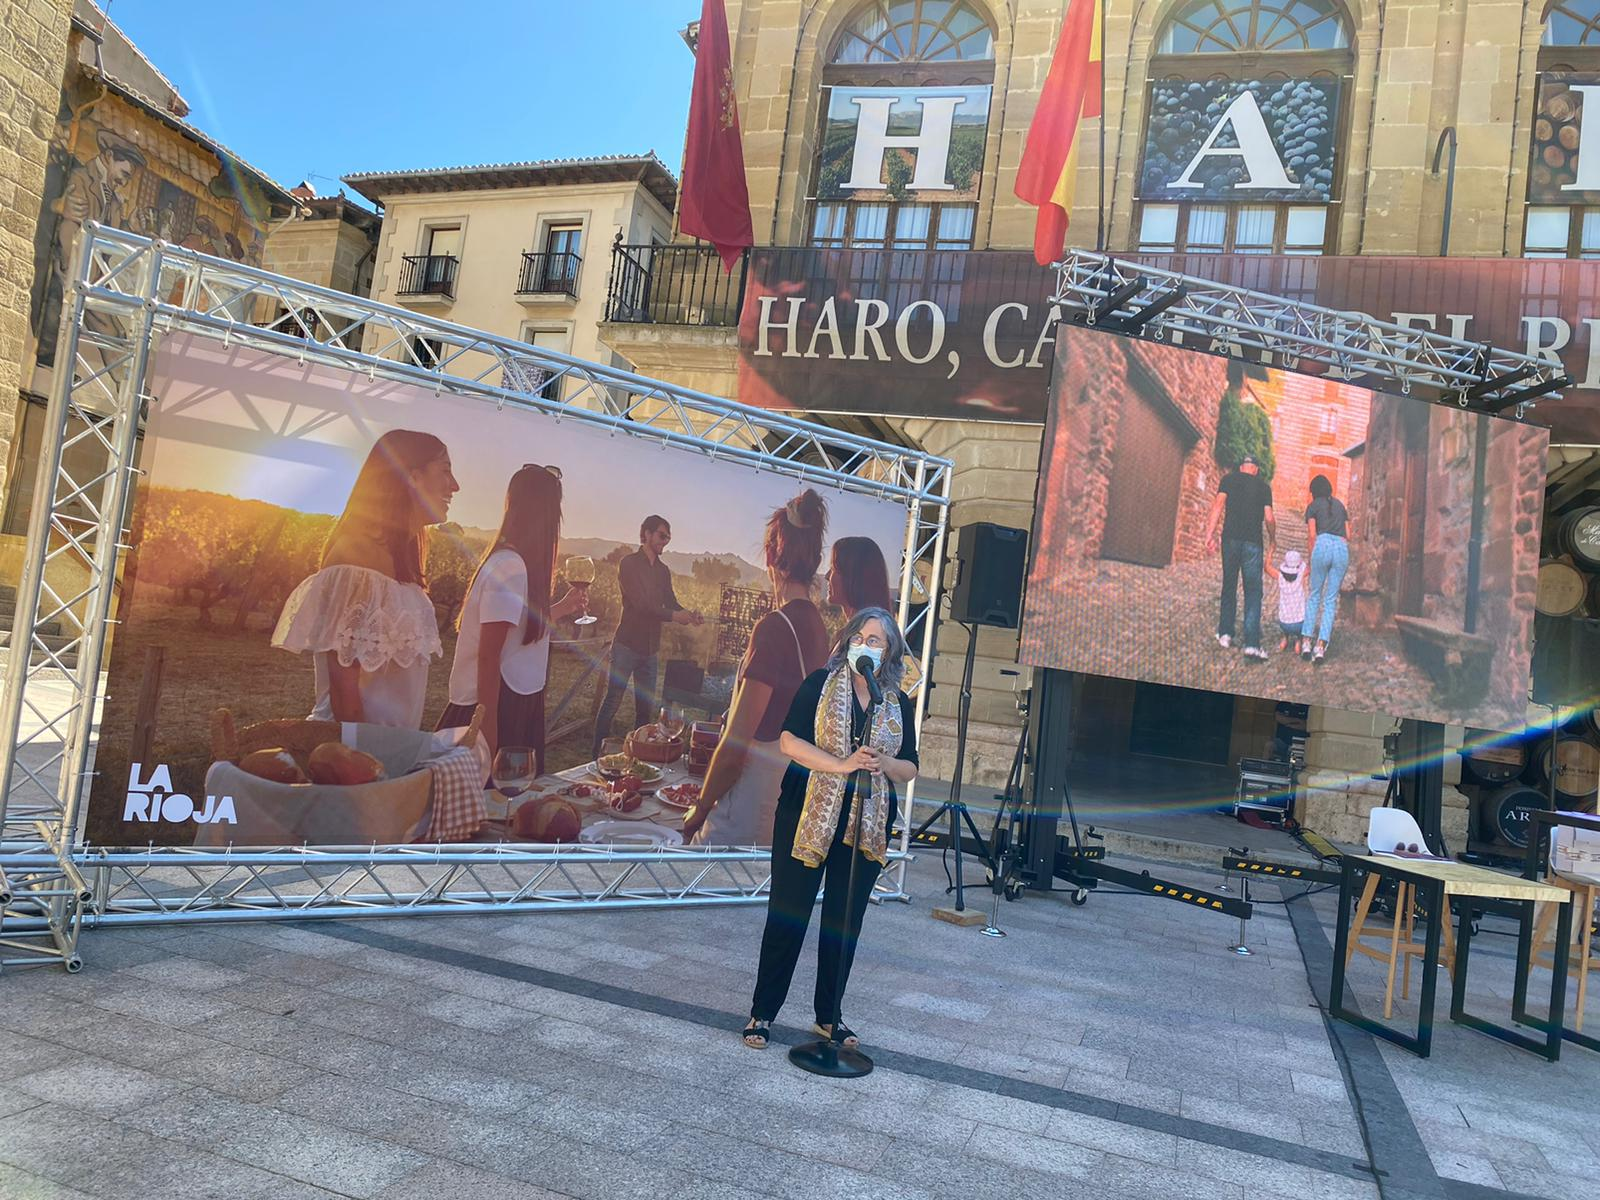 Haro se enrola en la campaña turística 'Reserva para volver' del Gobierno riojano 1